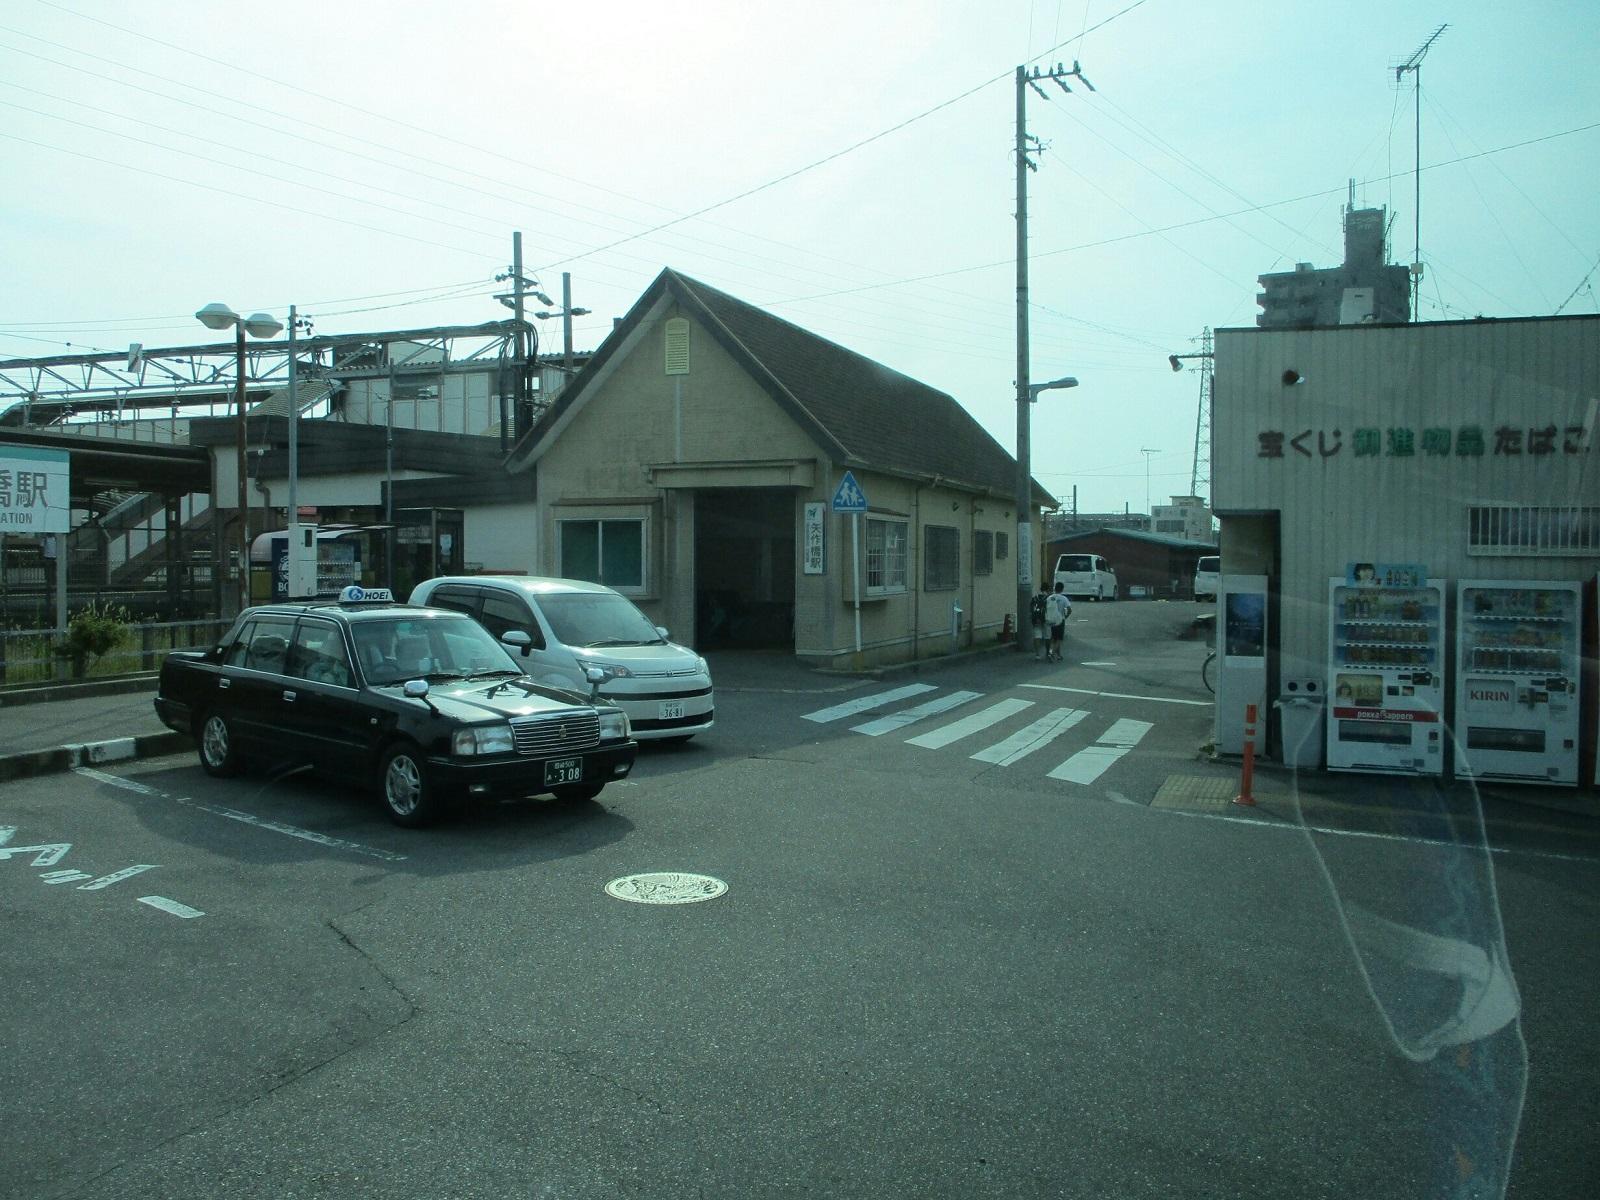 2018.7.25 (43) 市民病院いきバス - 矢作橋駅で右折 1200-900